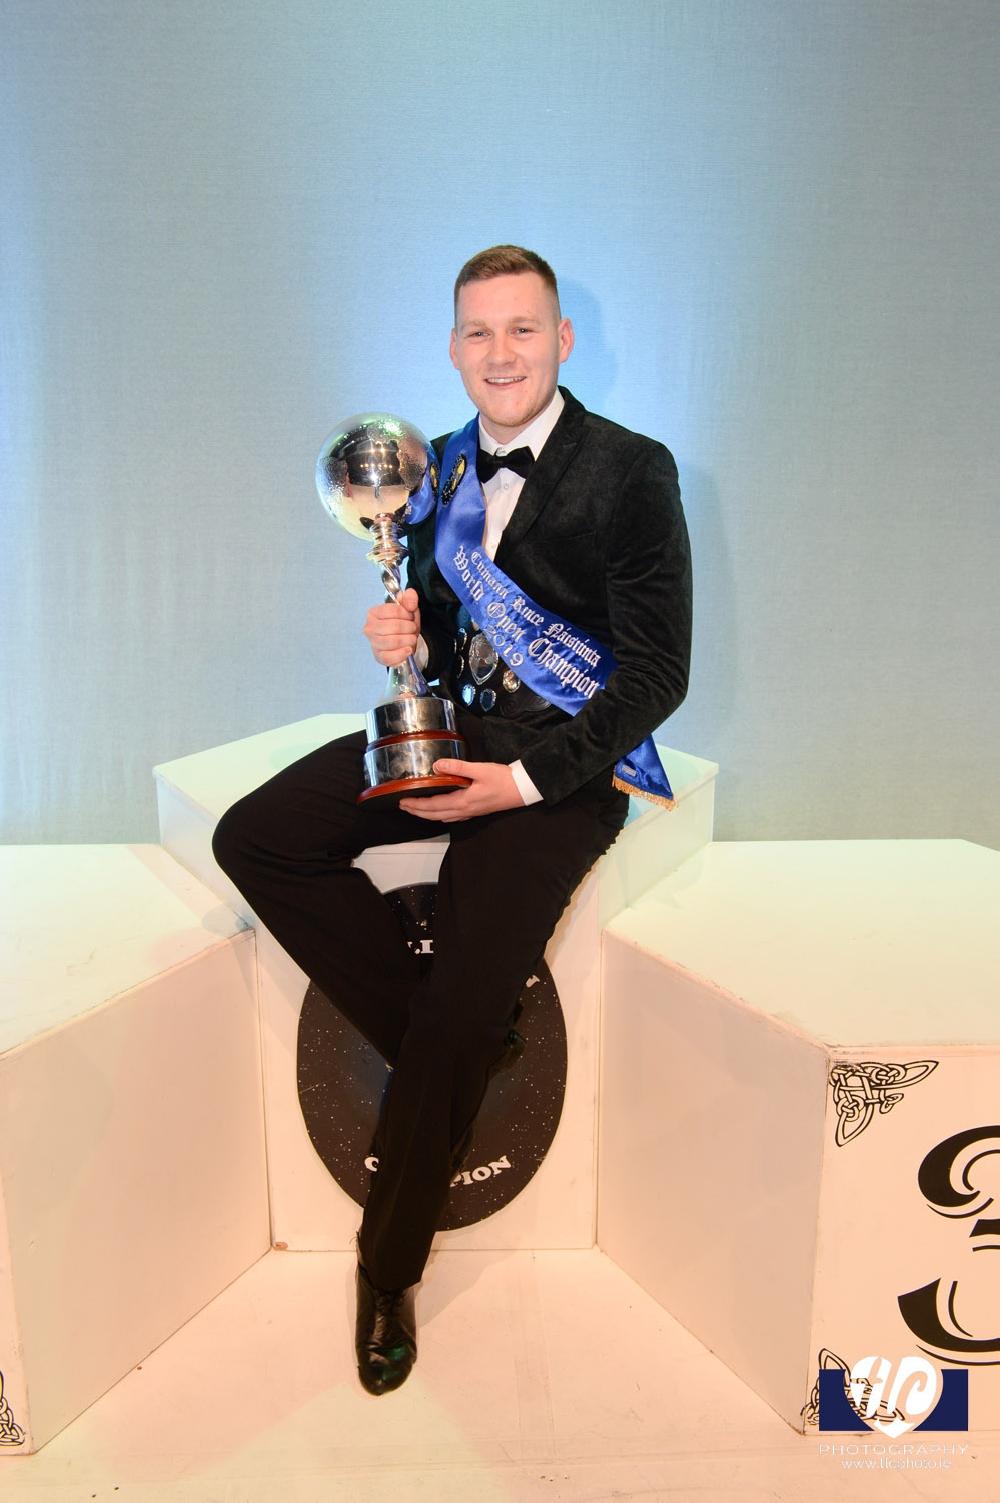 Gents Under 21 World Champion